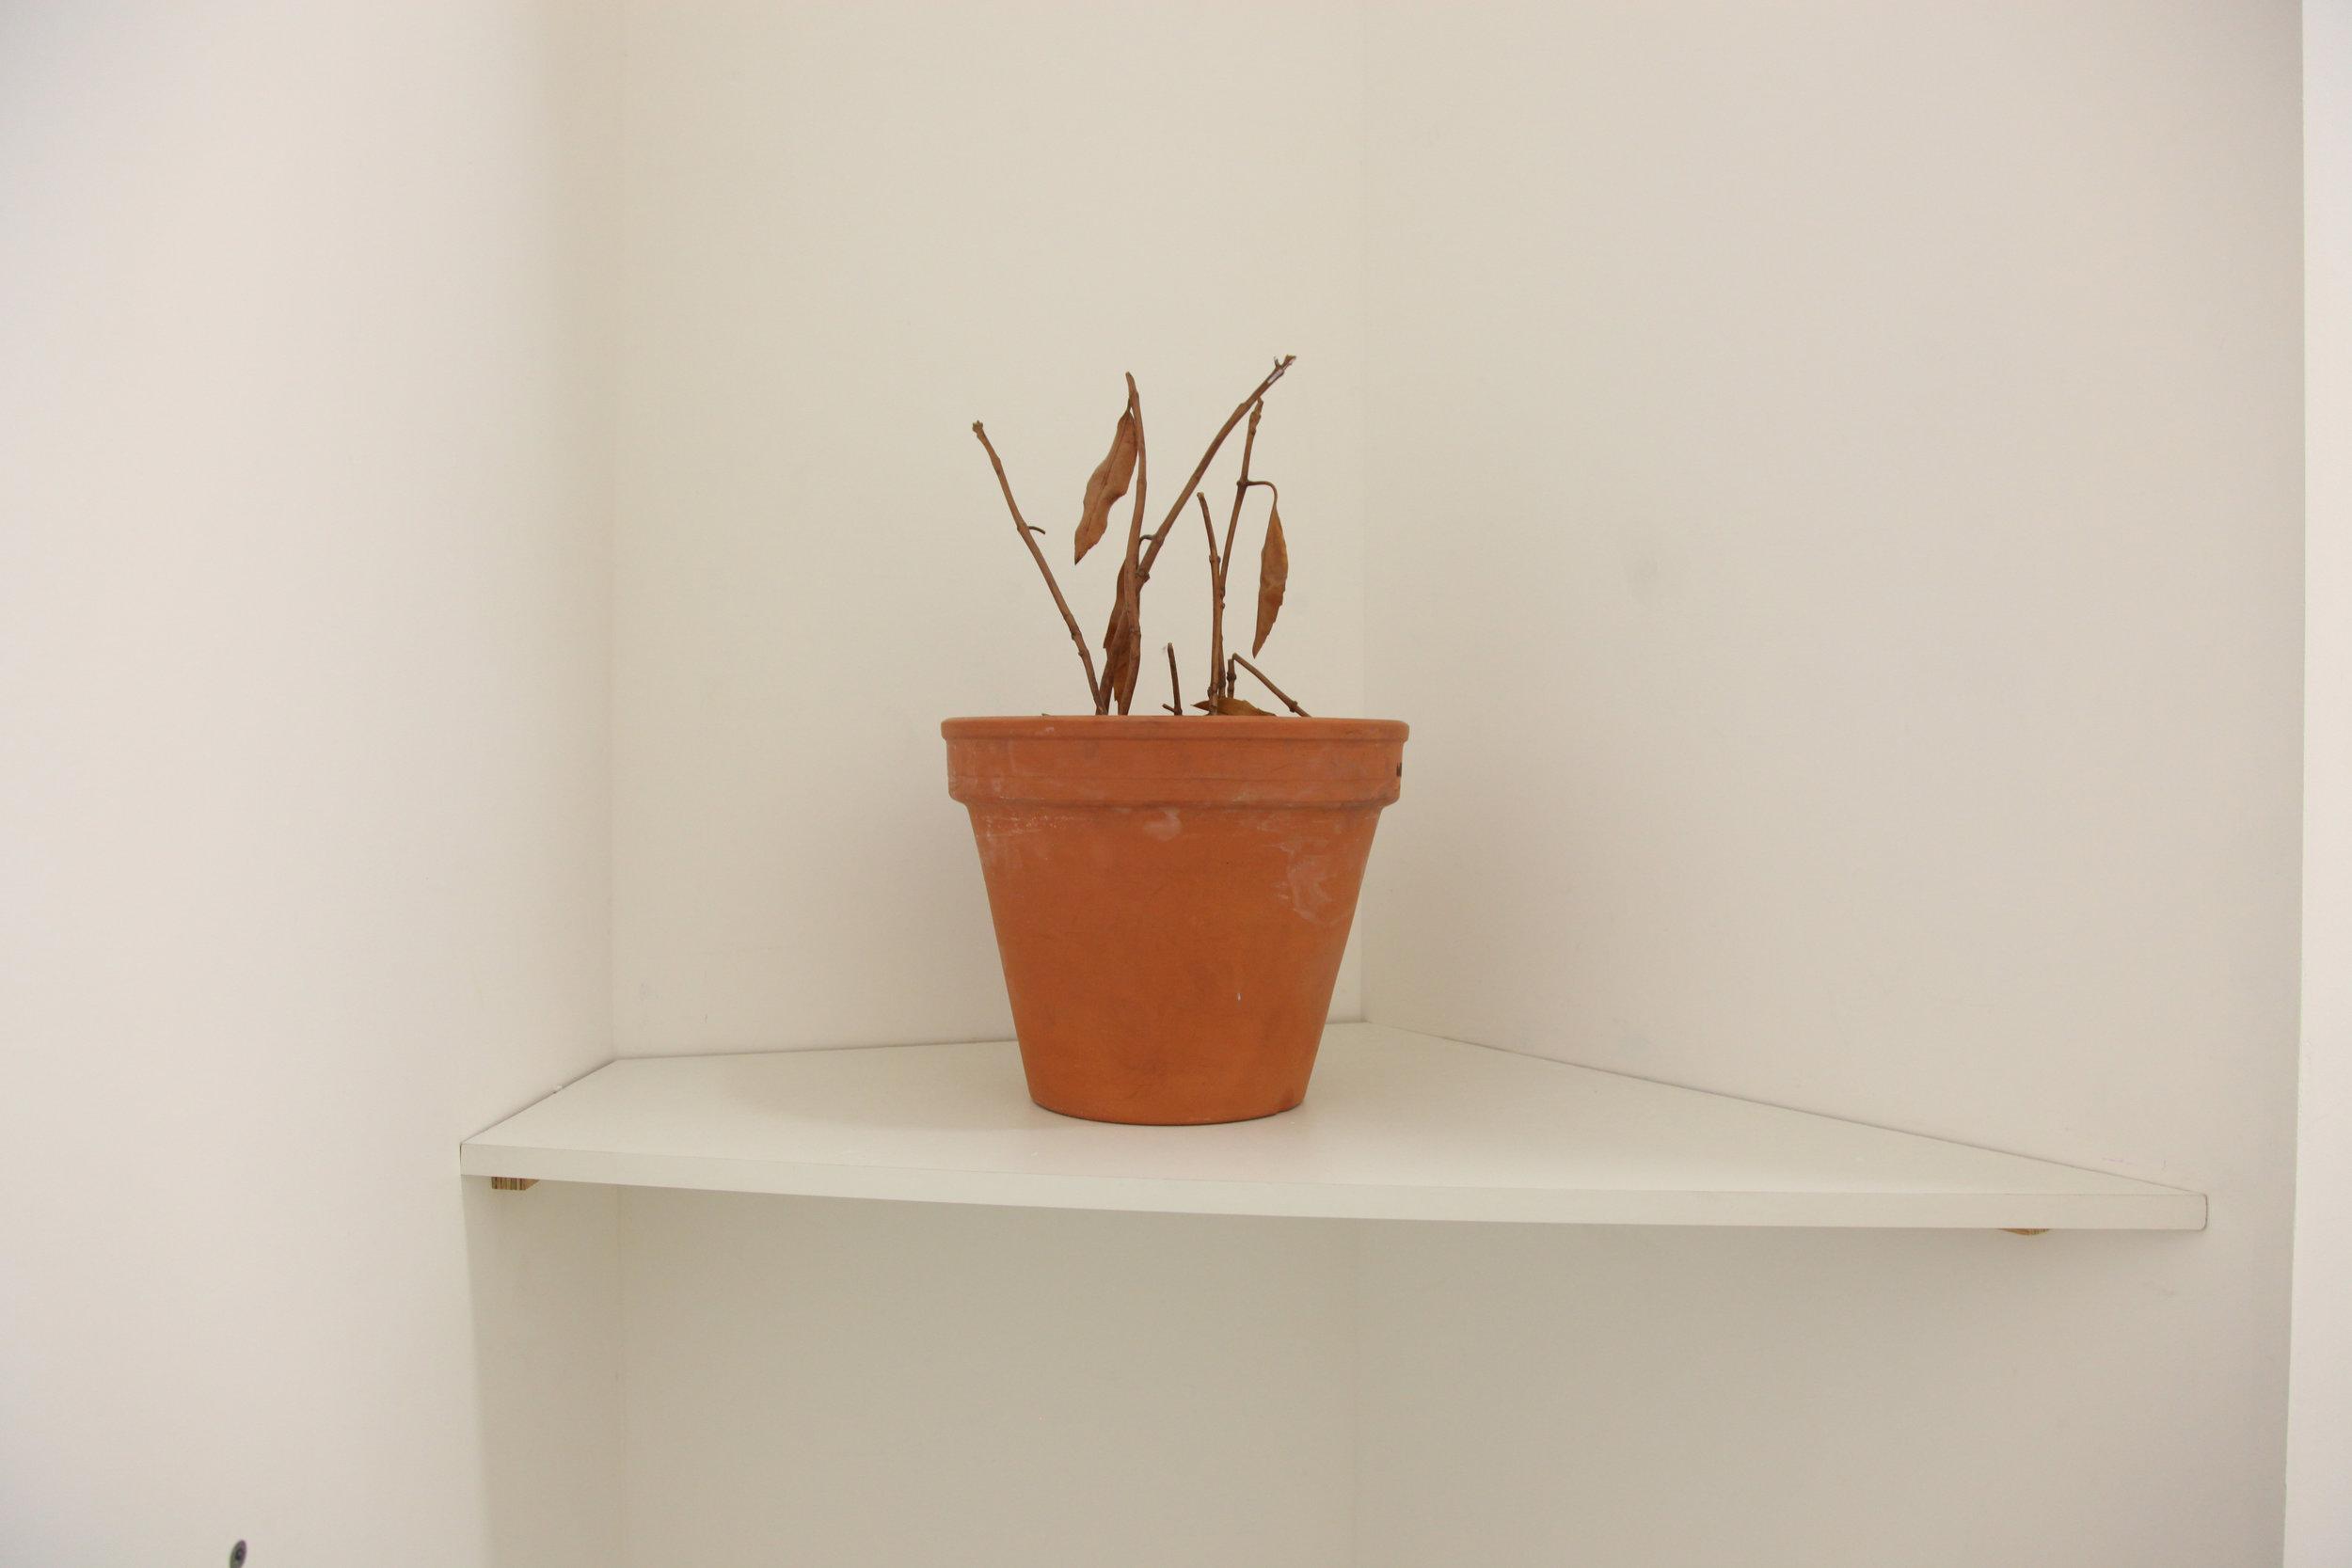 26.01.2018 until 05.05.2018 , Catherine Bastide projects, Marseille, exhibition view, 2018 -Julien Berthier, Plante en plastique morte 2  , detail view